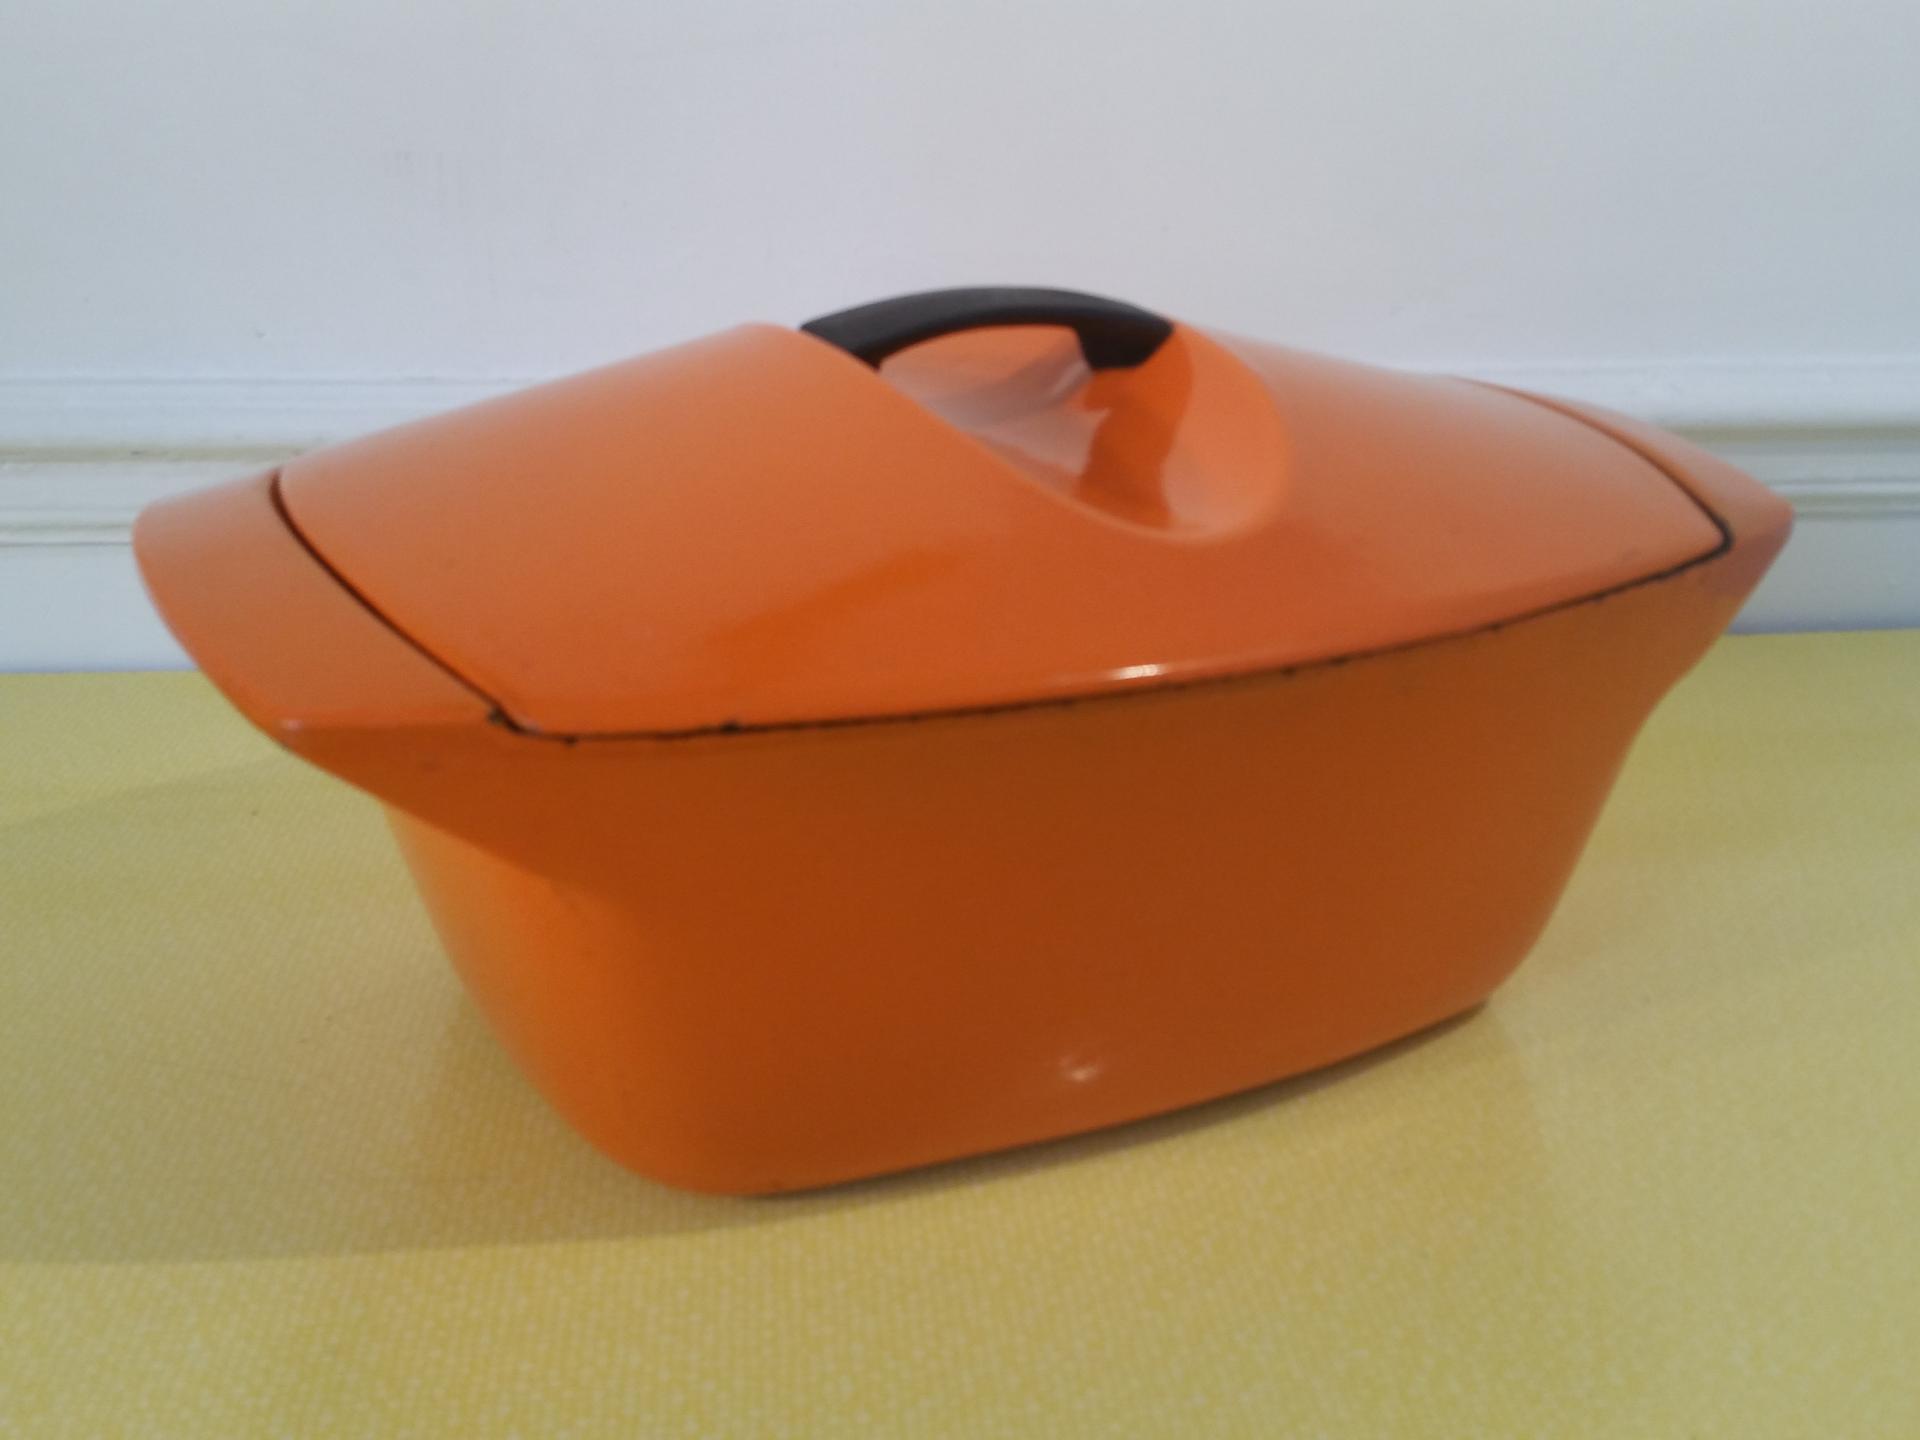 cocotte en fonte vintage lecreuset cocotte orange vintage. Black Bedroom Furniture Sets. Home Design Ideas